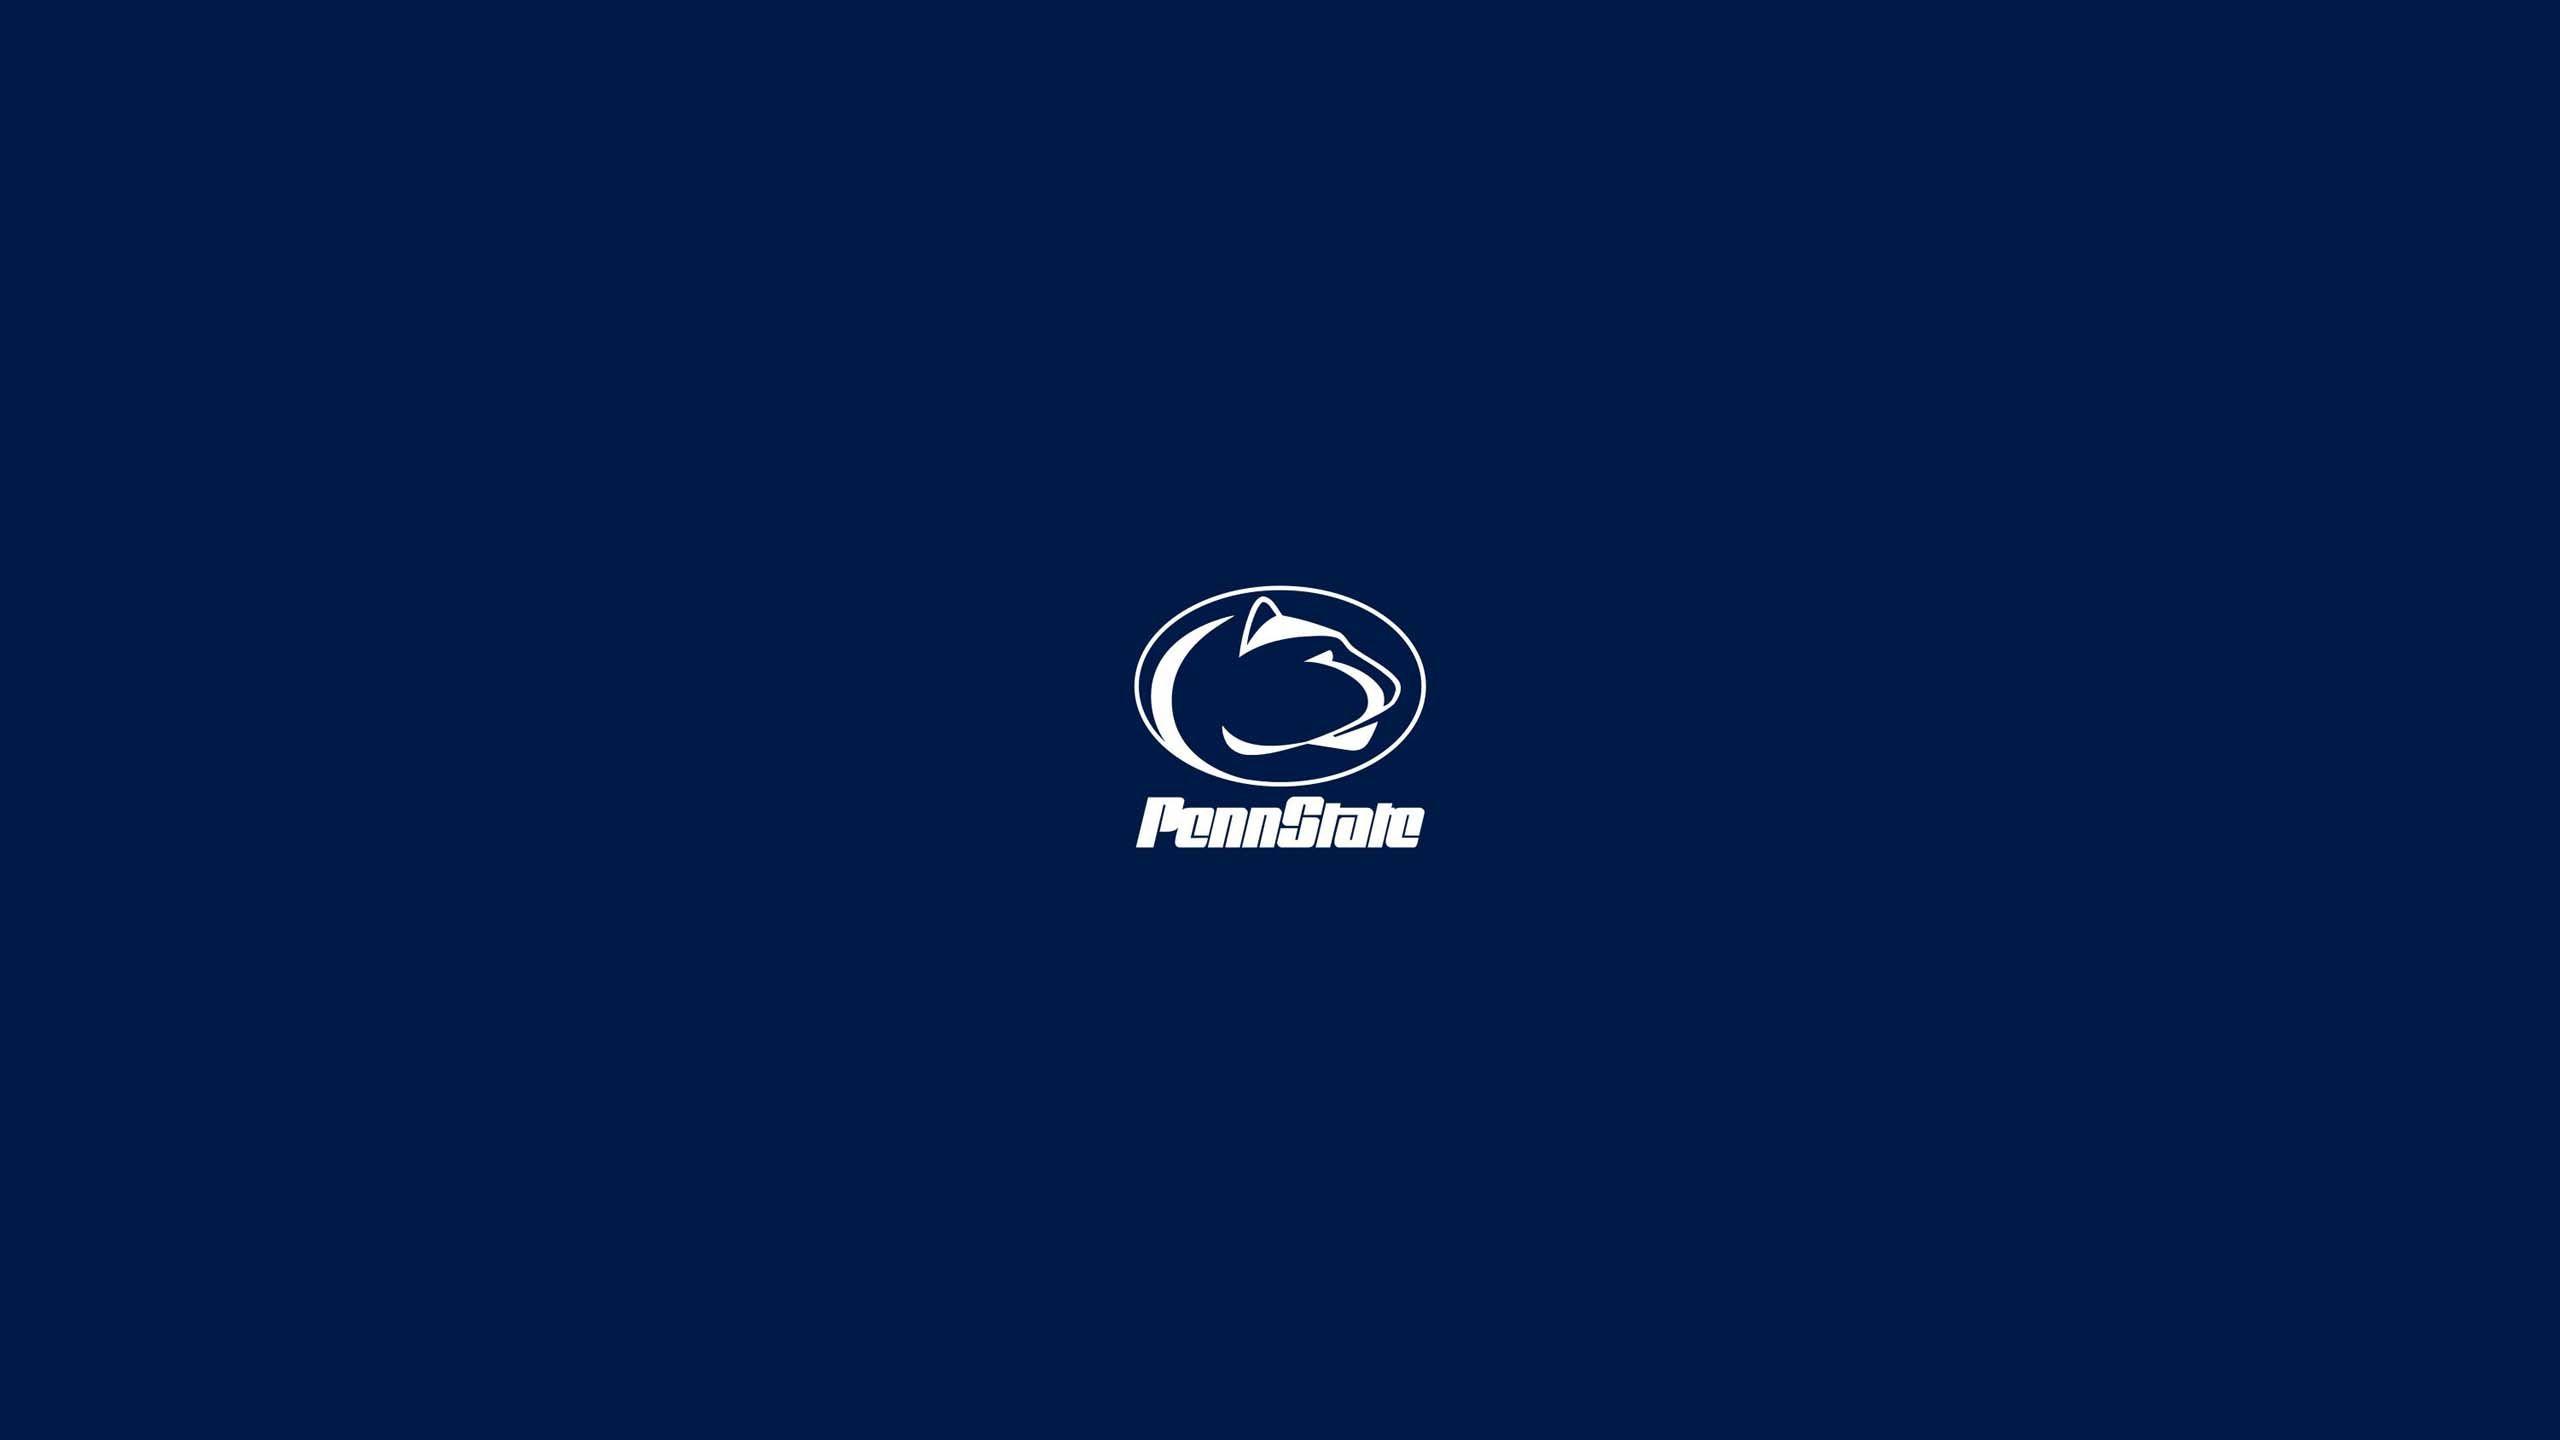 Hd Wallpaper Penn State Football Best Wallpaper Hd Iphone Logo Penn State Wallpaper